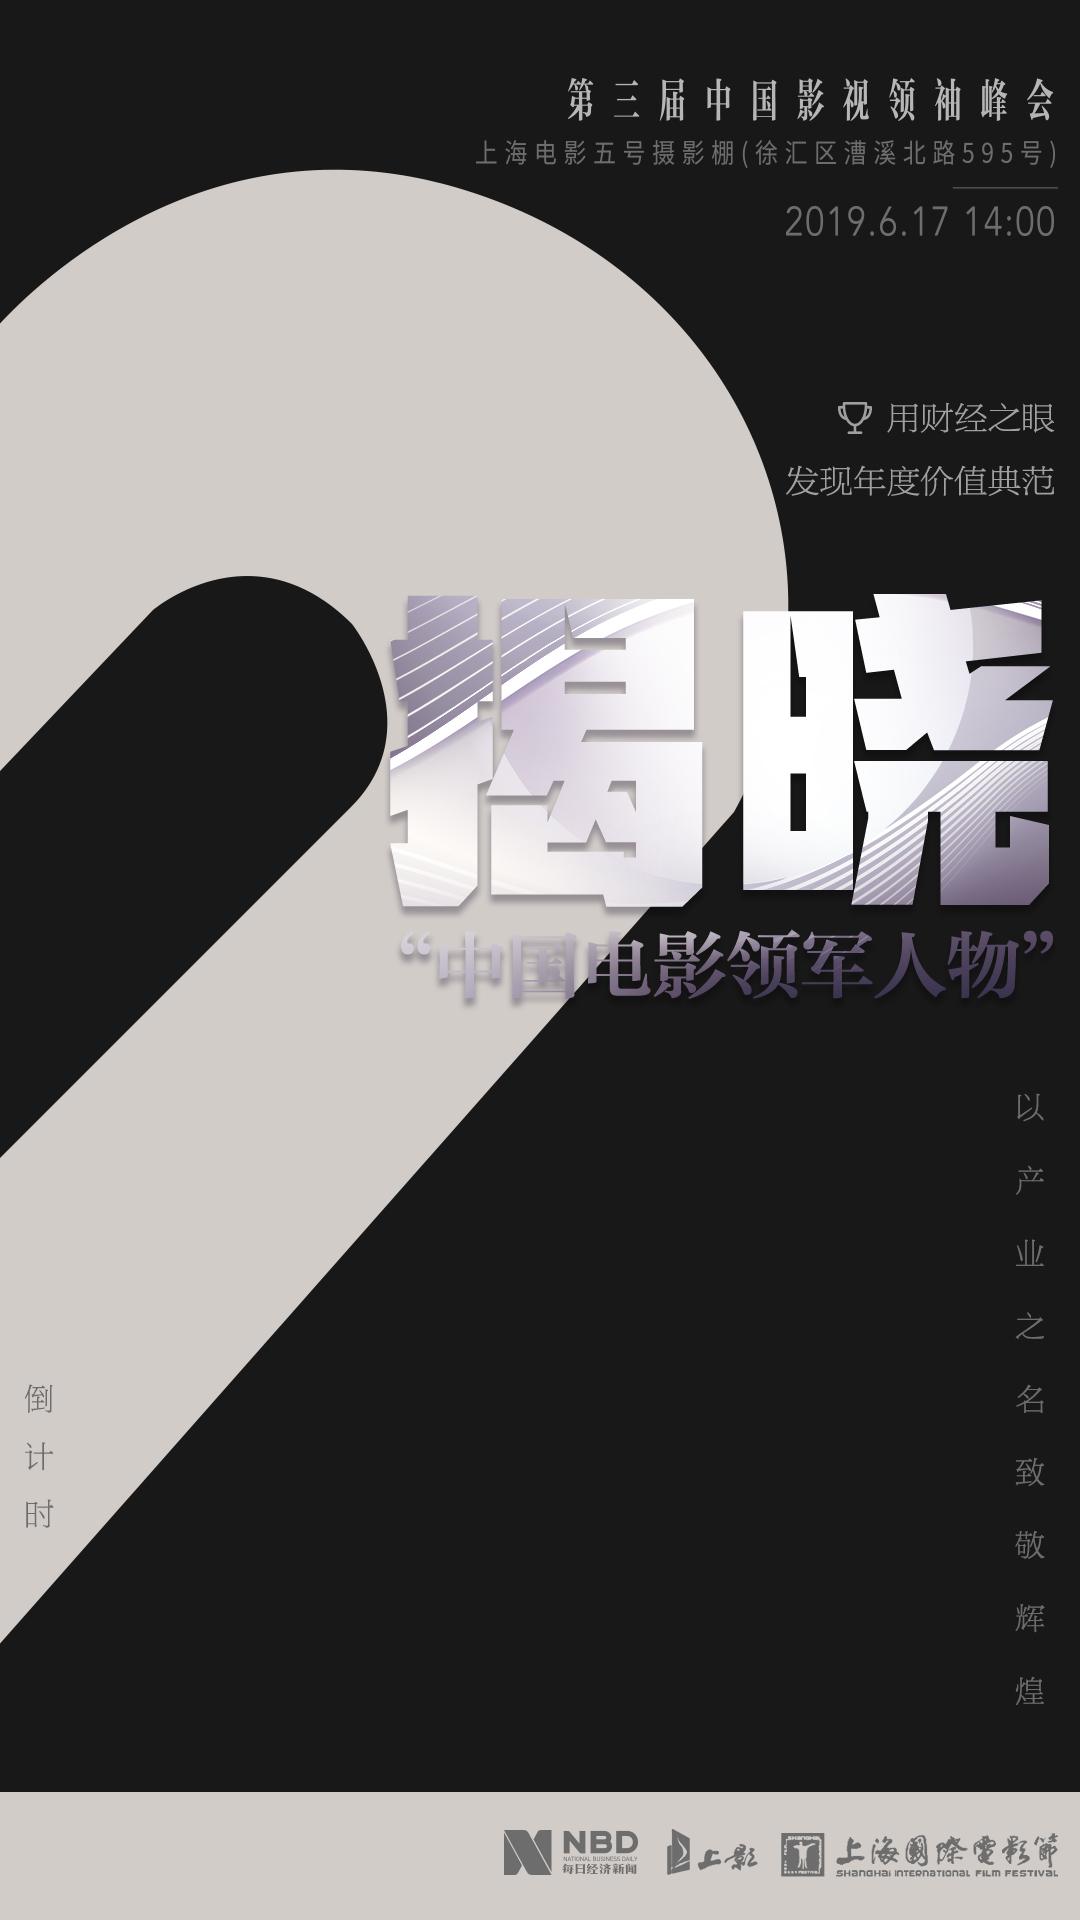 """票选结束 """"第三届中国电影领军人物""""即将揭晓"""